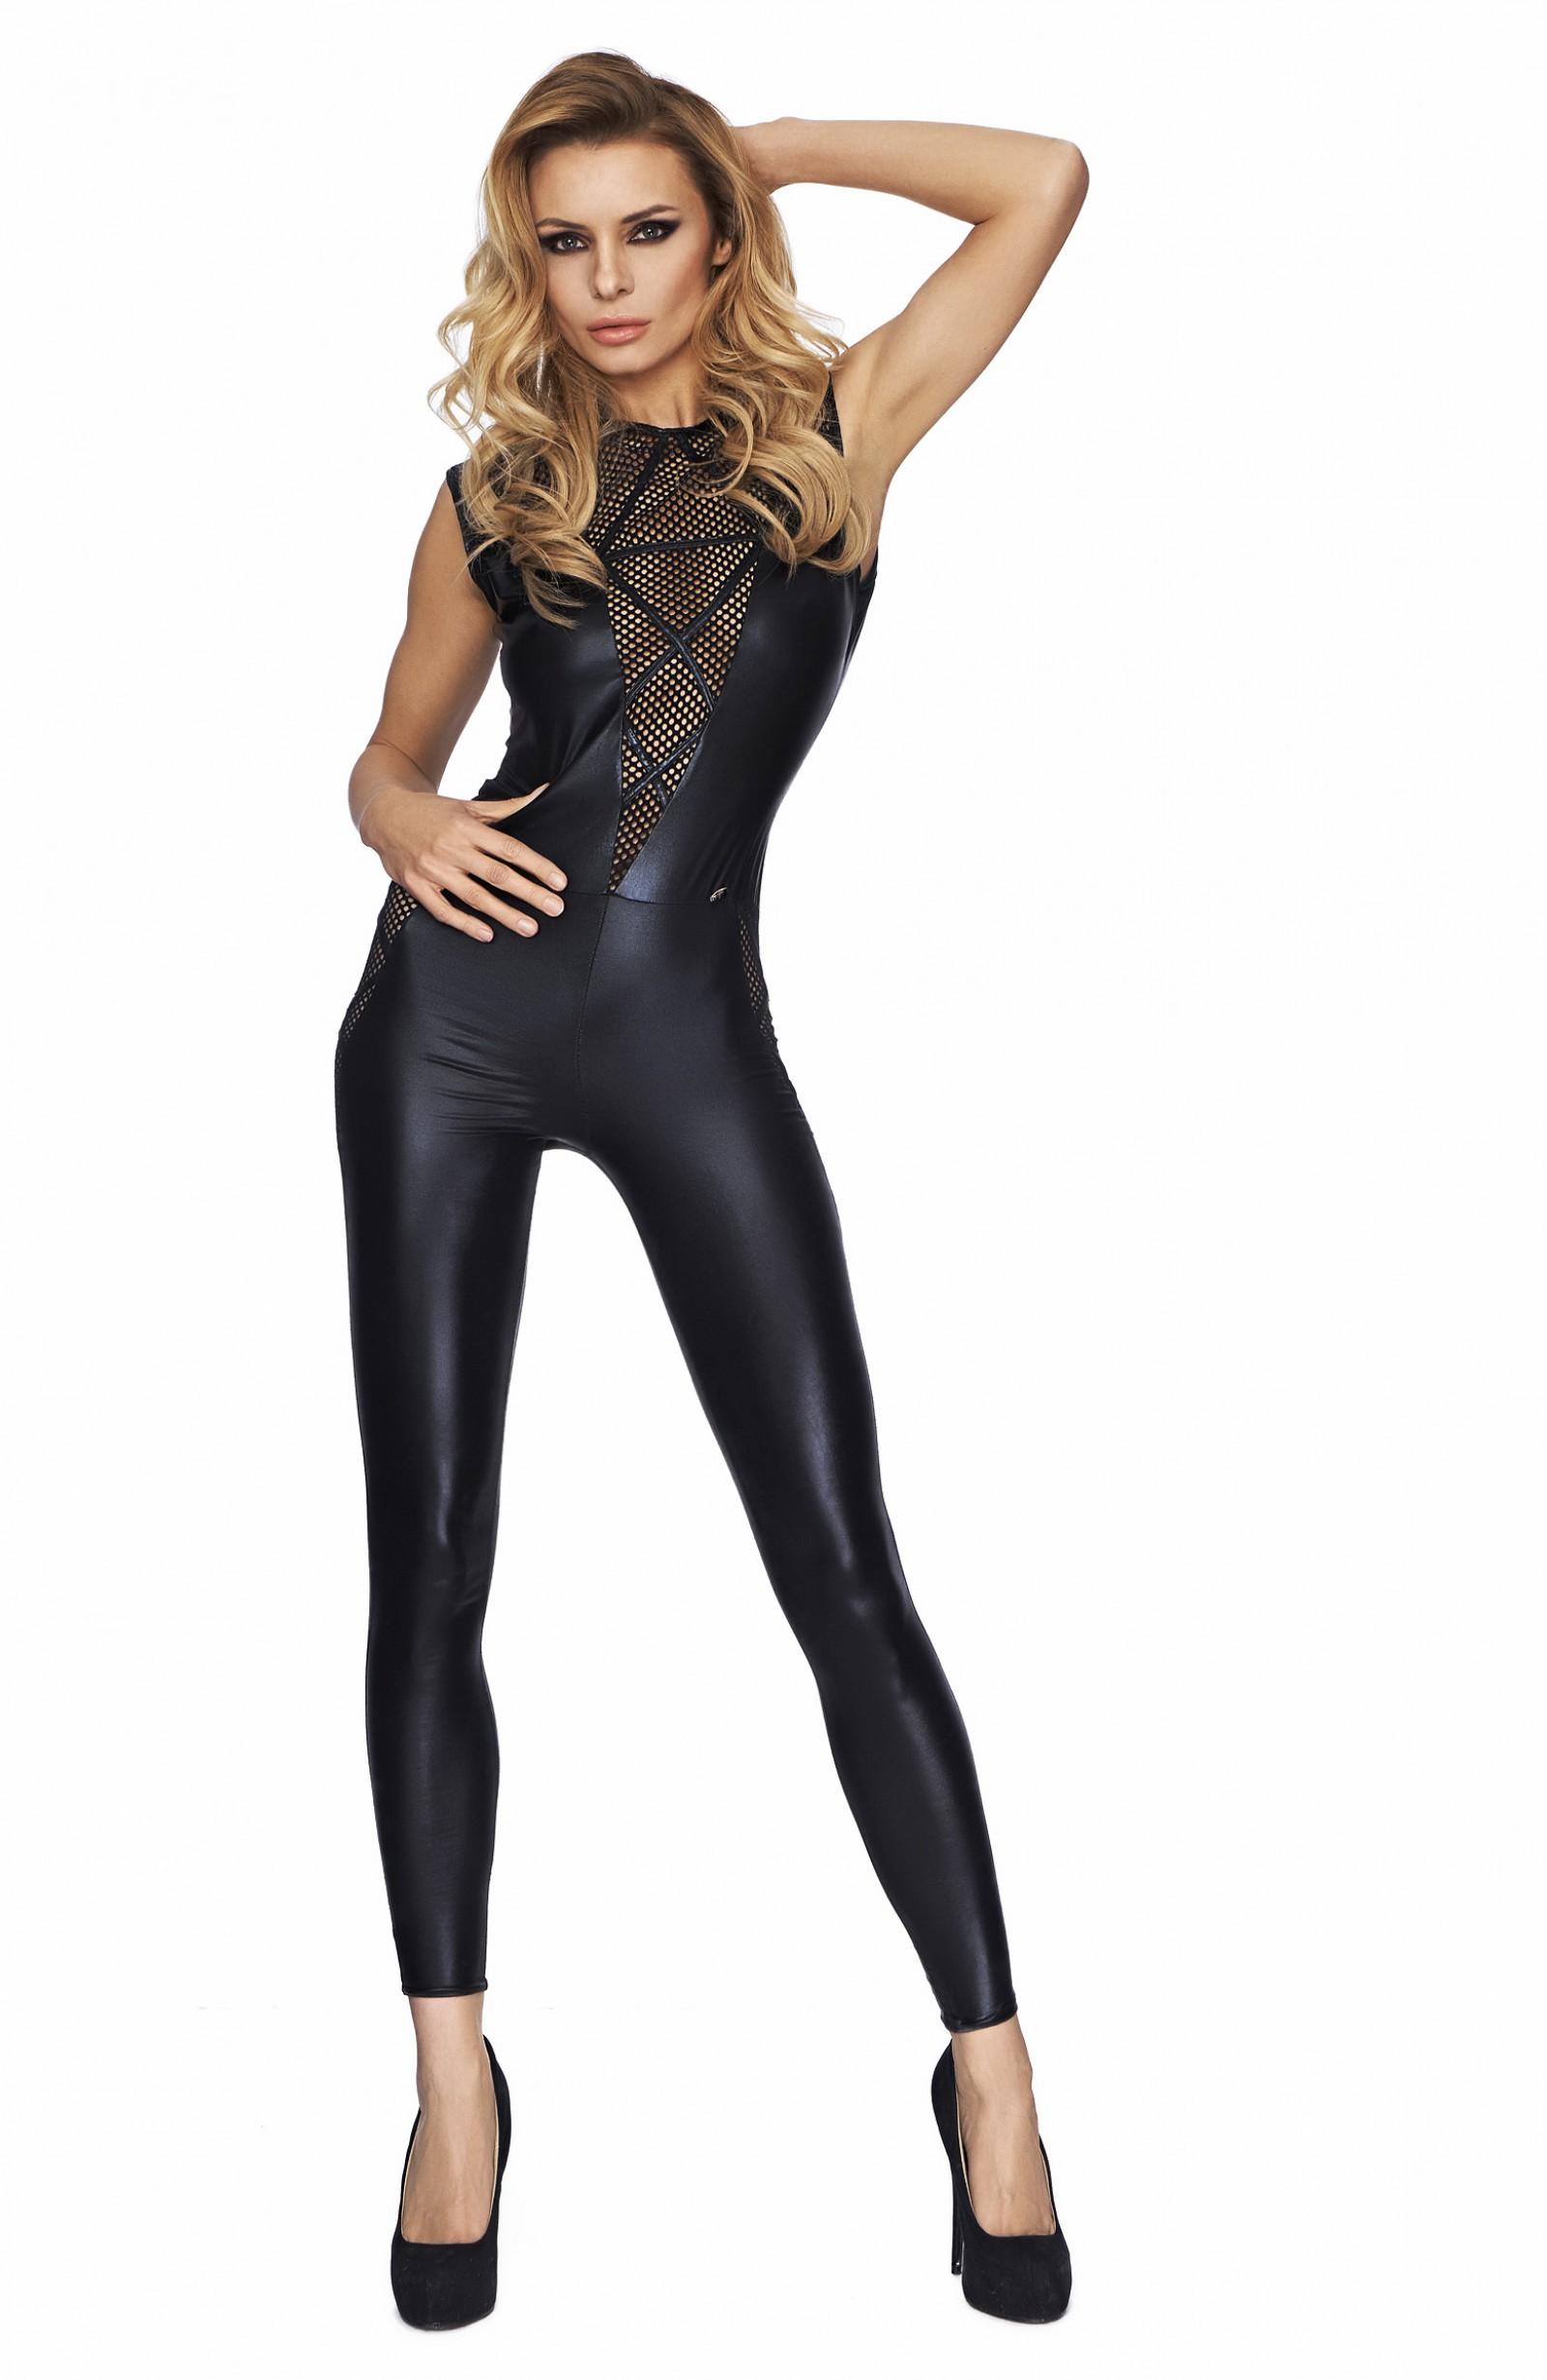 latex klänning hotmail inloggning